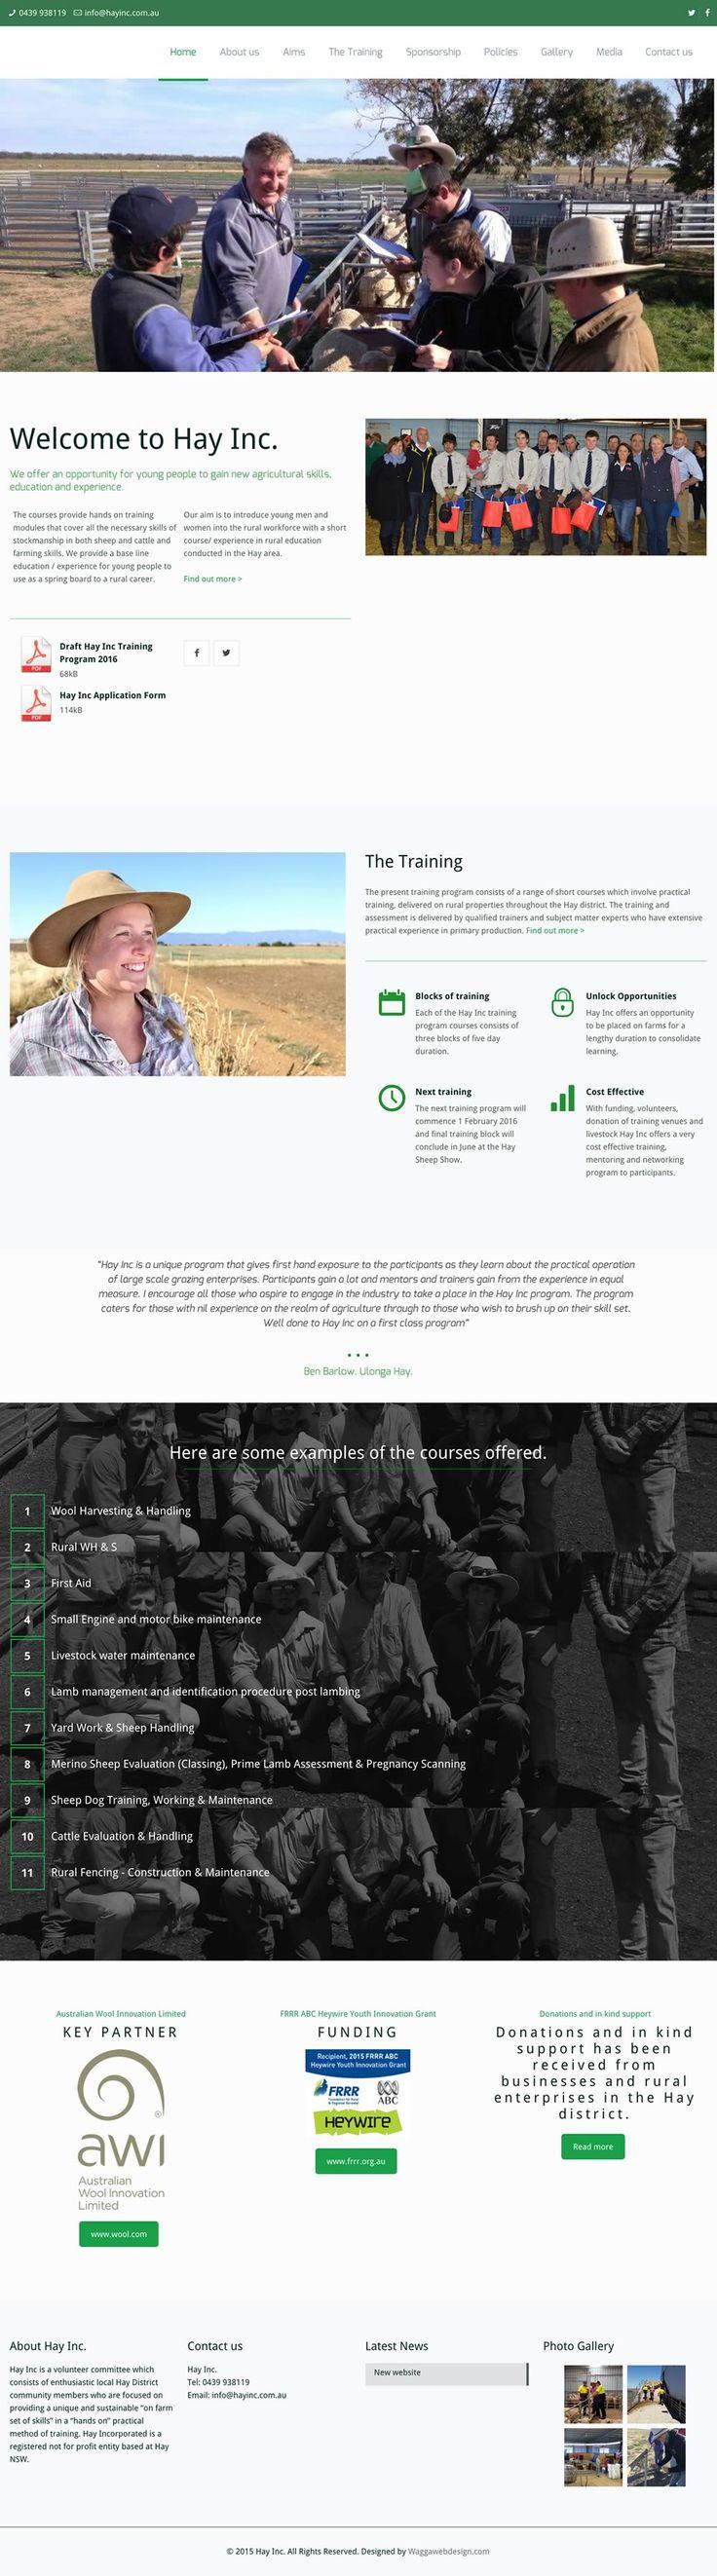 Wagga Web Design   Hay Inc - Wagga Web Design